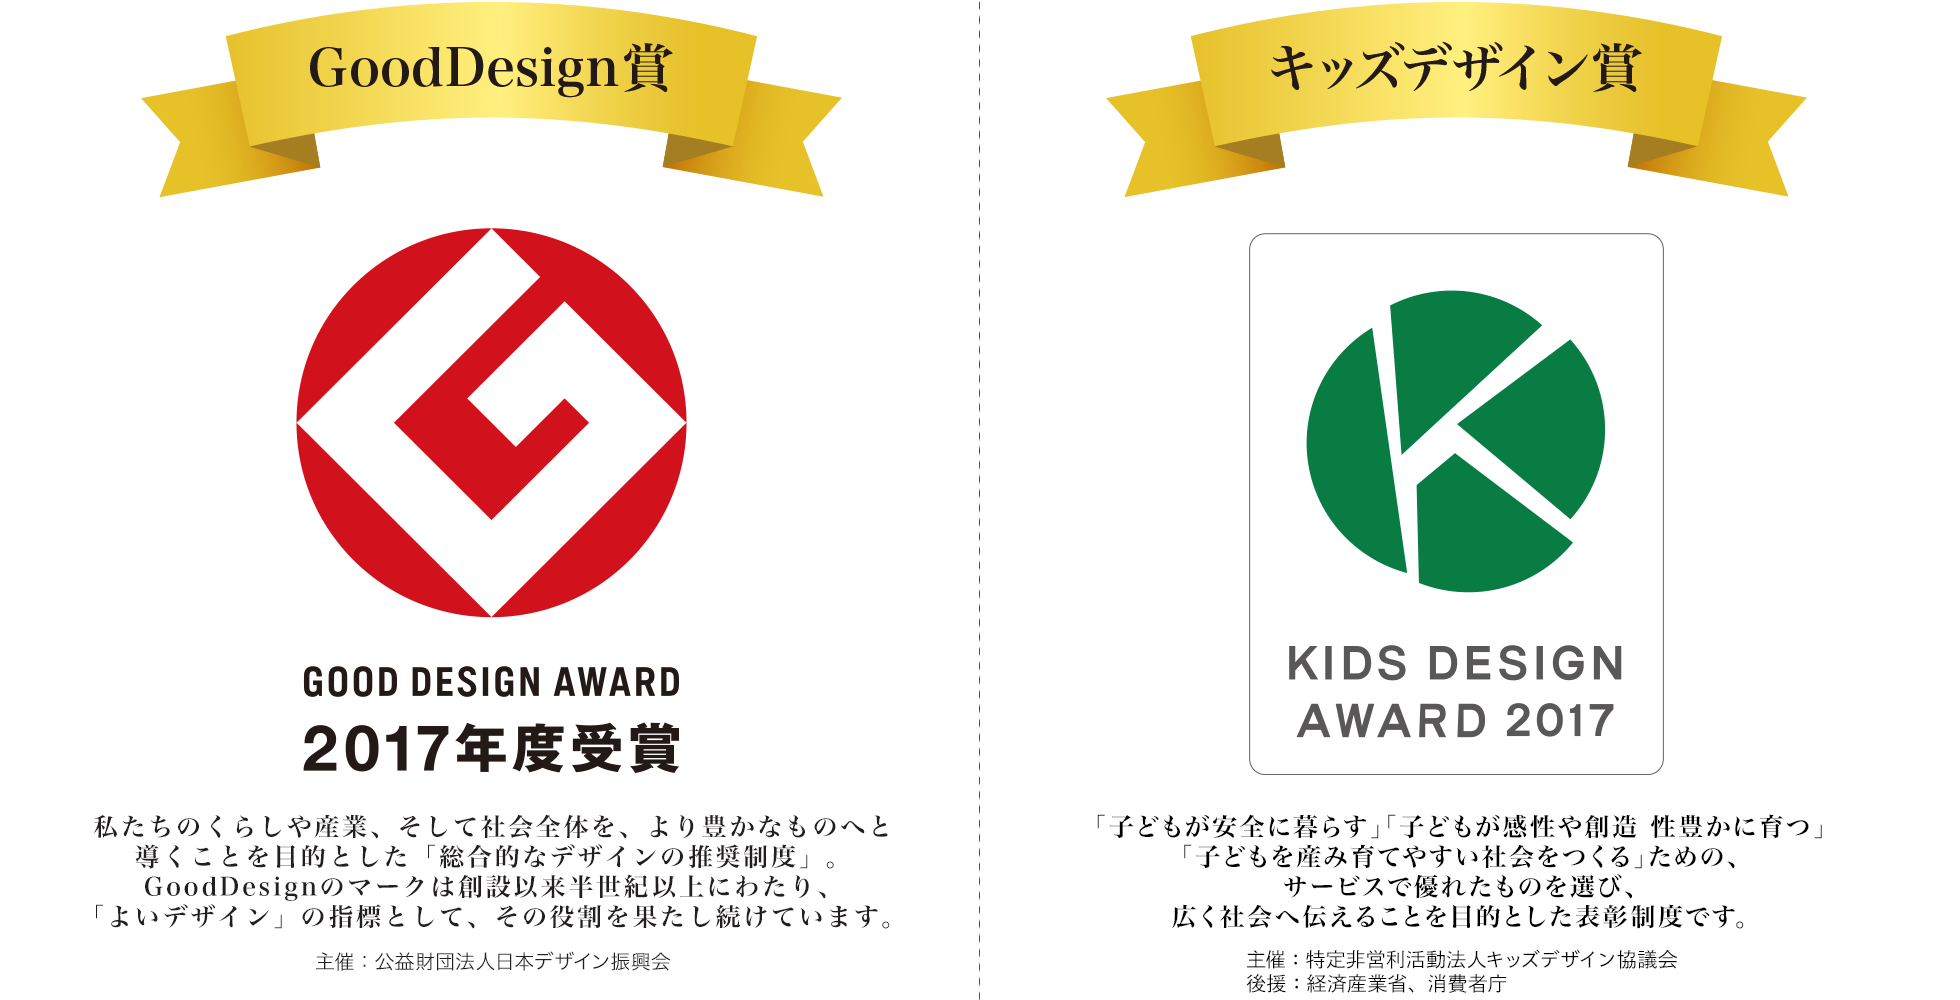 KidsDiaryは2つの賞を受賞しました。GOOD DESIGN AWARD 2017年度受賞。KIDS DESIGN AWARD 2017 キッズデザイン賞 受賞。